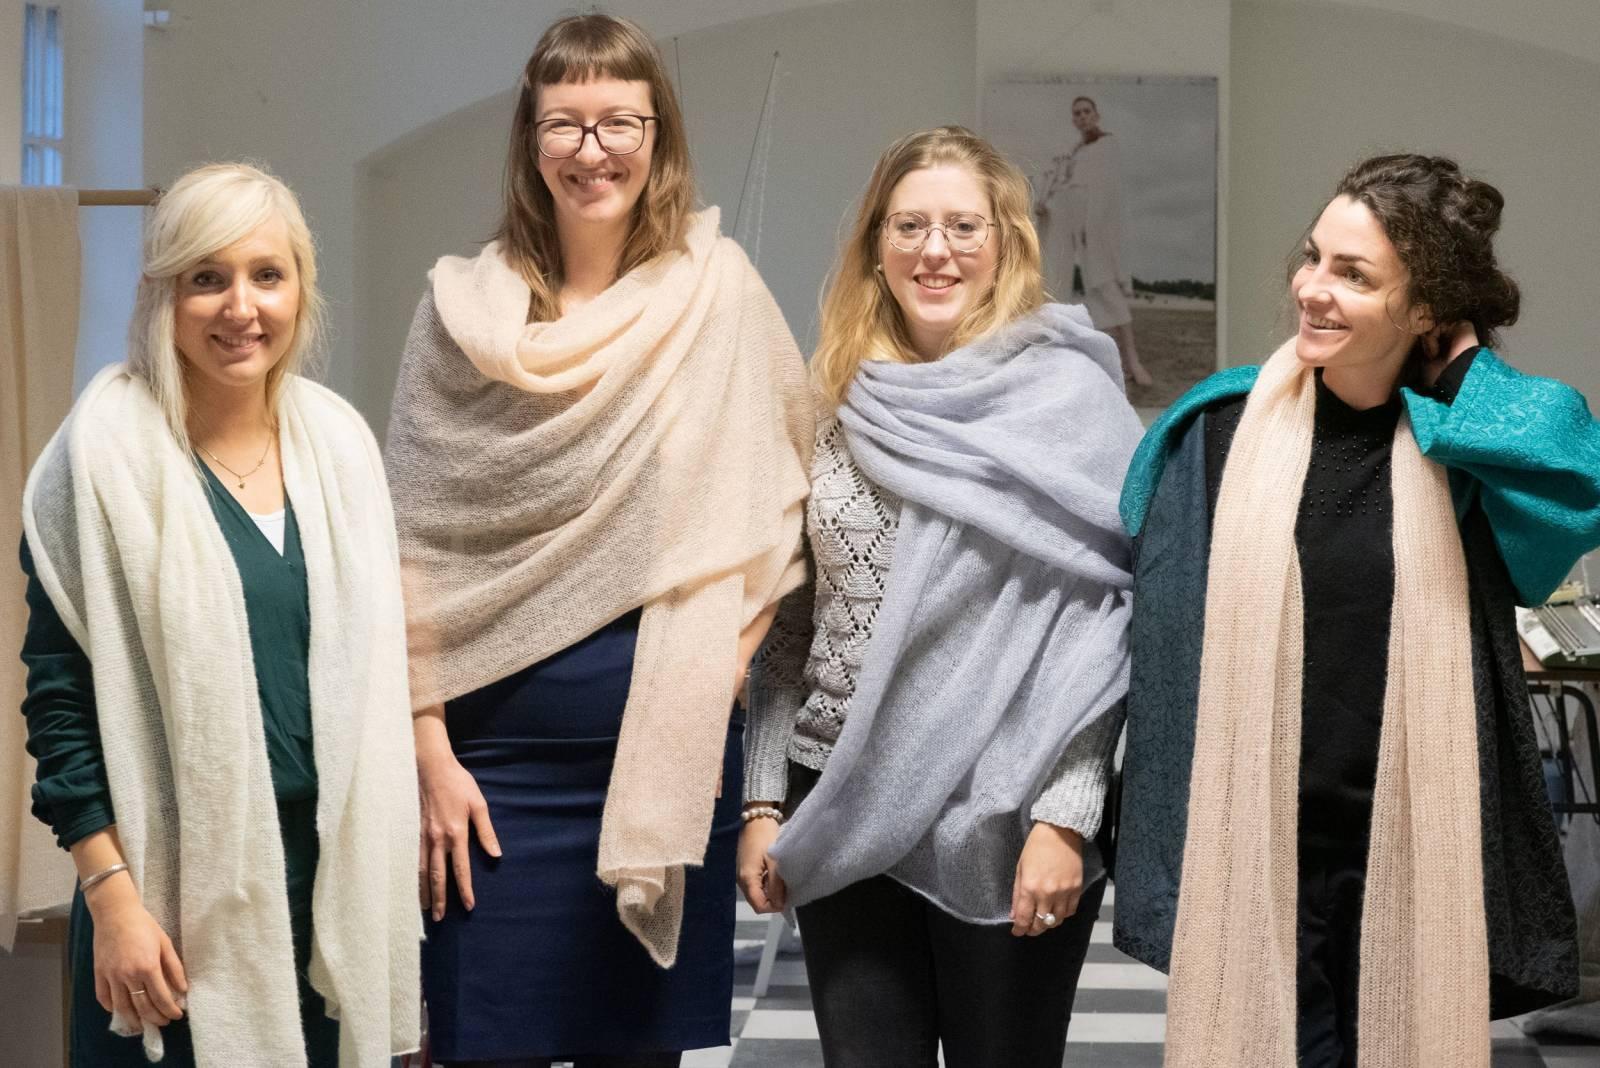 Lotte Van Huyck - Bridal Knitwear - Sjaals - Bridal workshop - Vrijgezellen activiteit - House of Weddings - 32